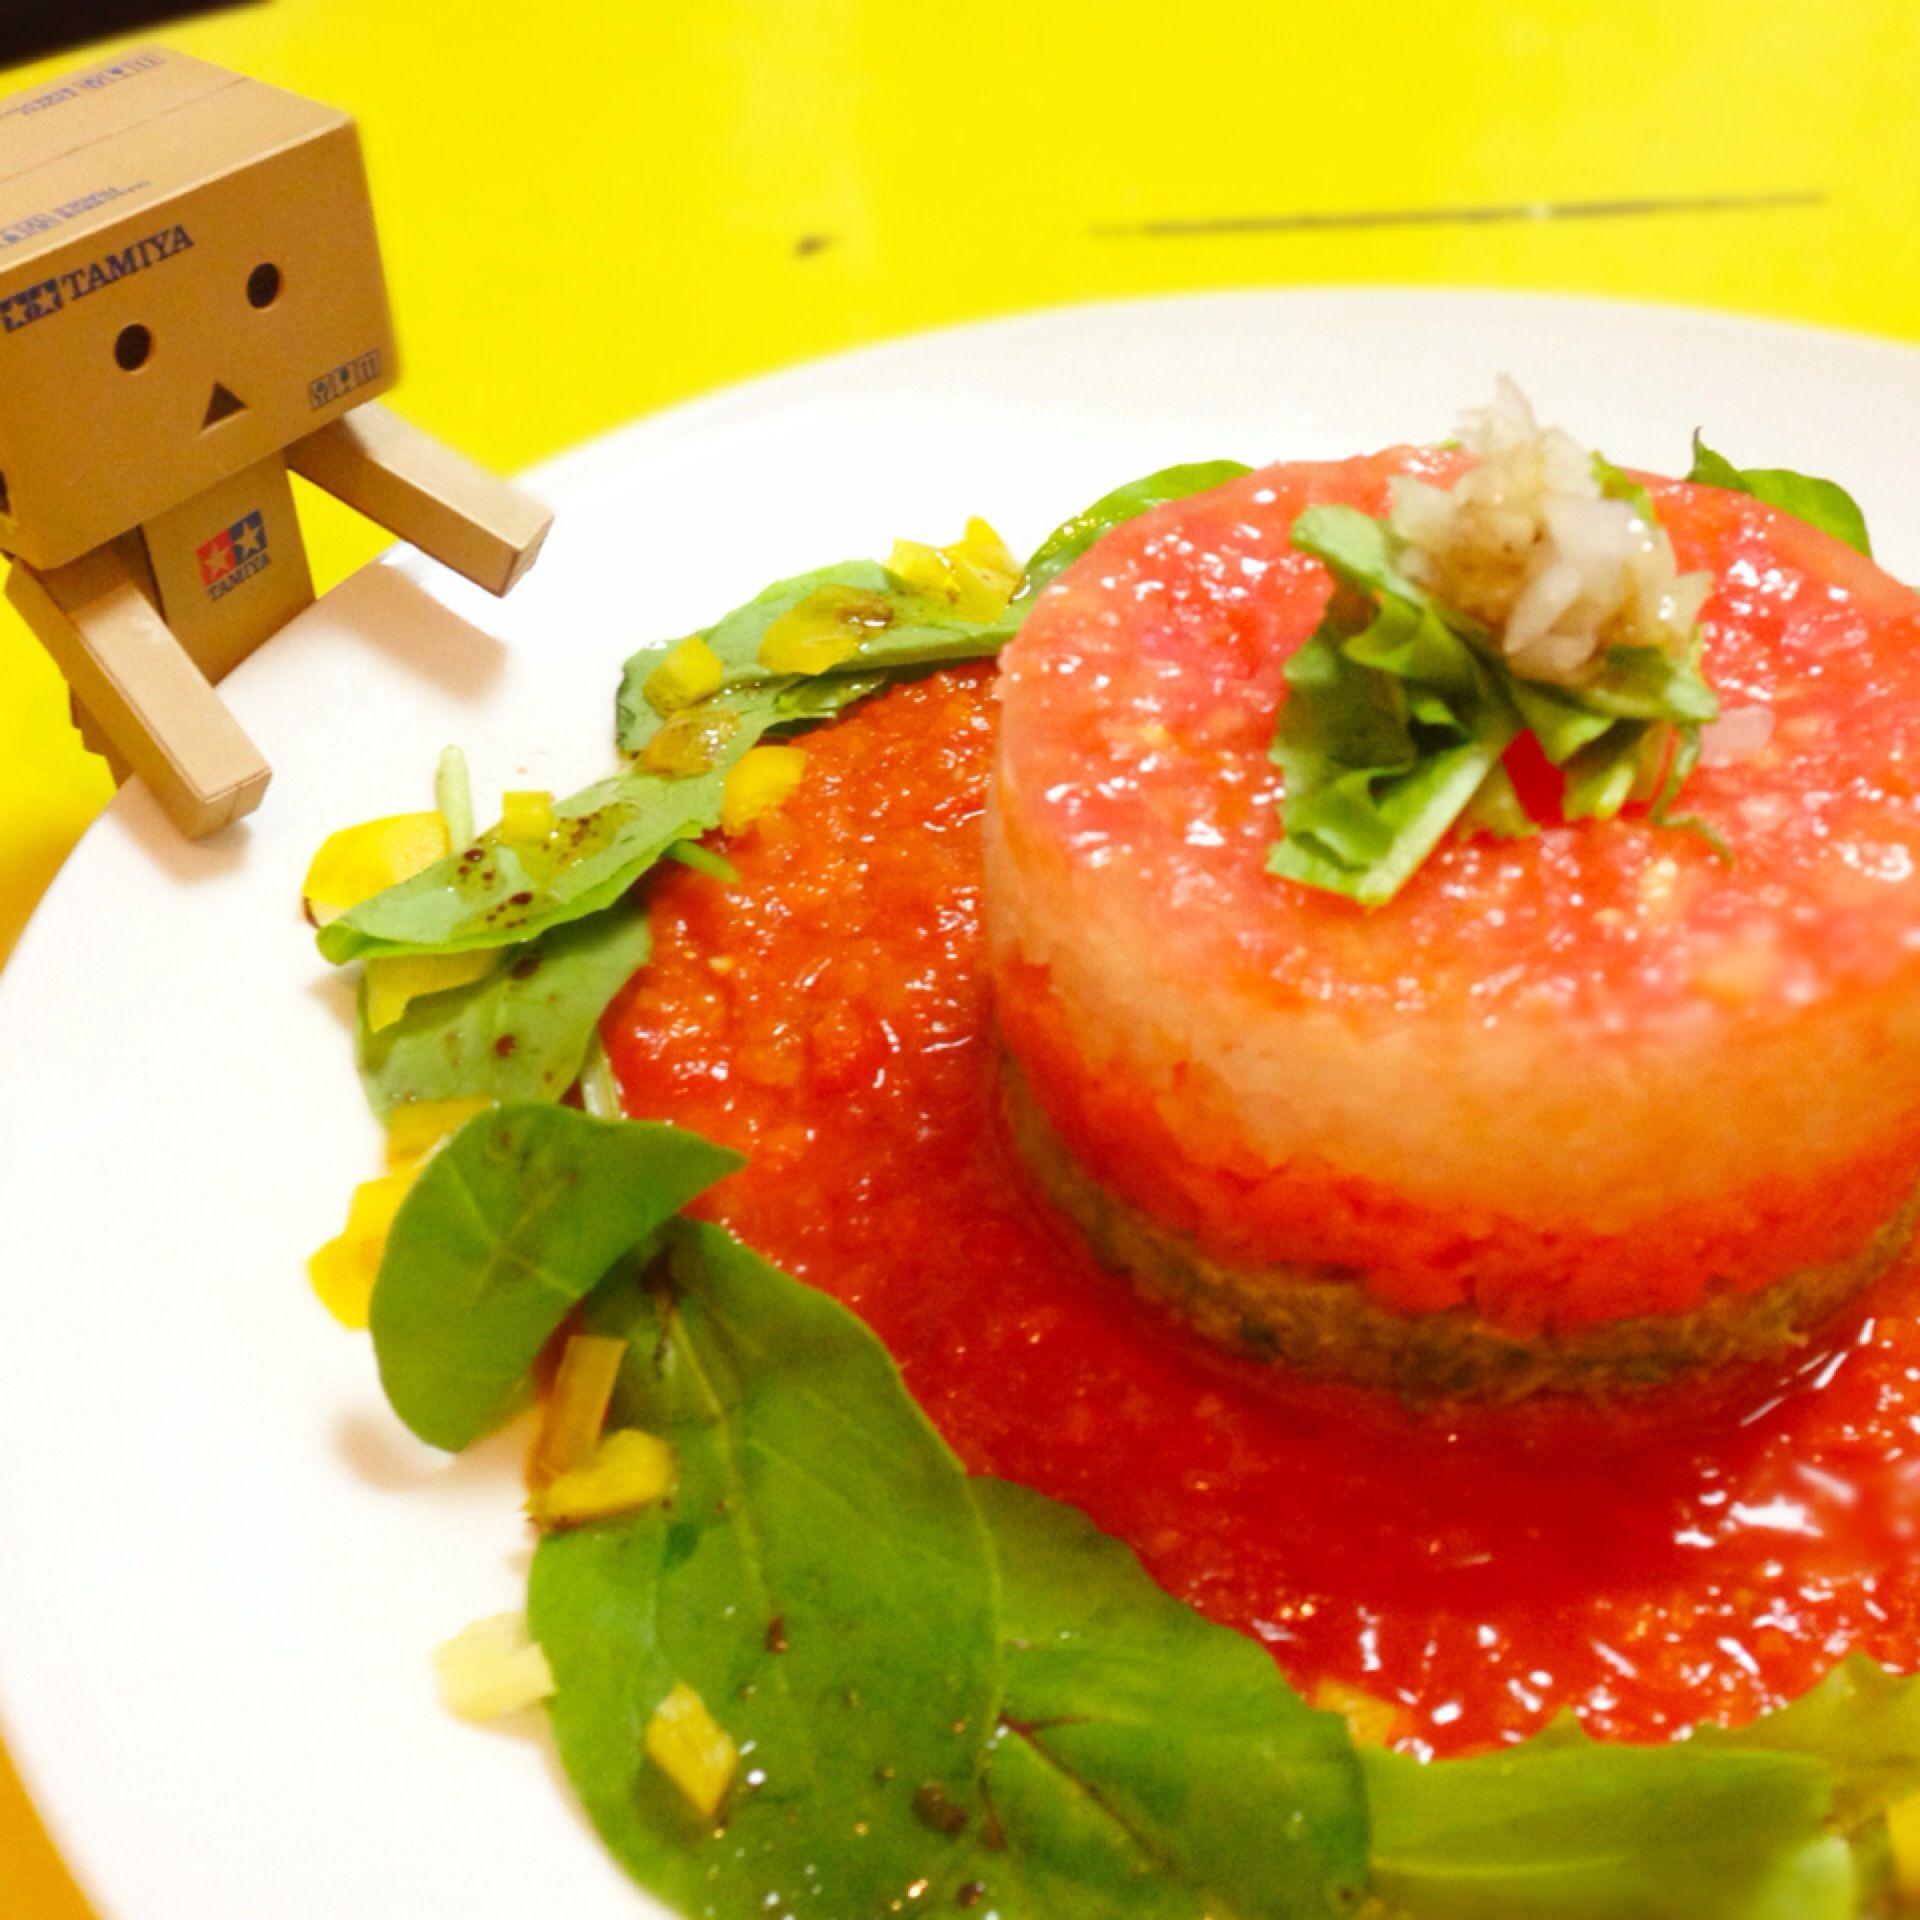 ハムと野菜四種のミルフィーユサラダ(๑′ᴗ‵๑)